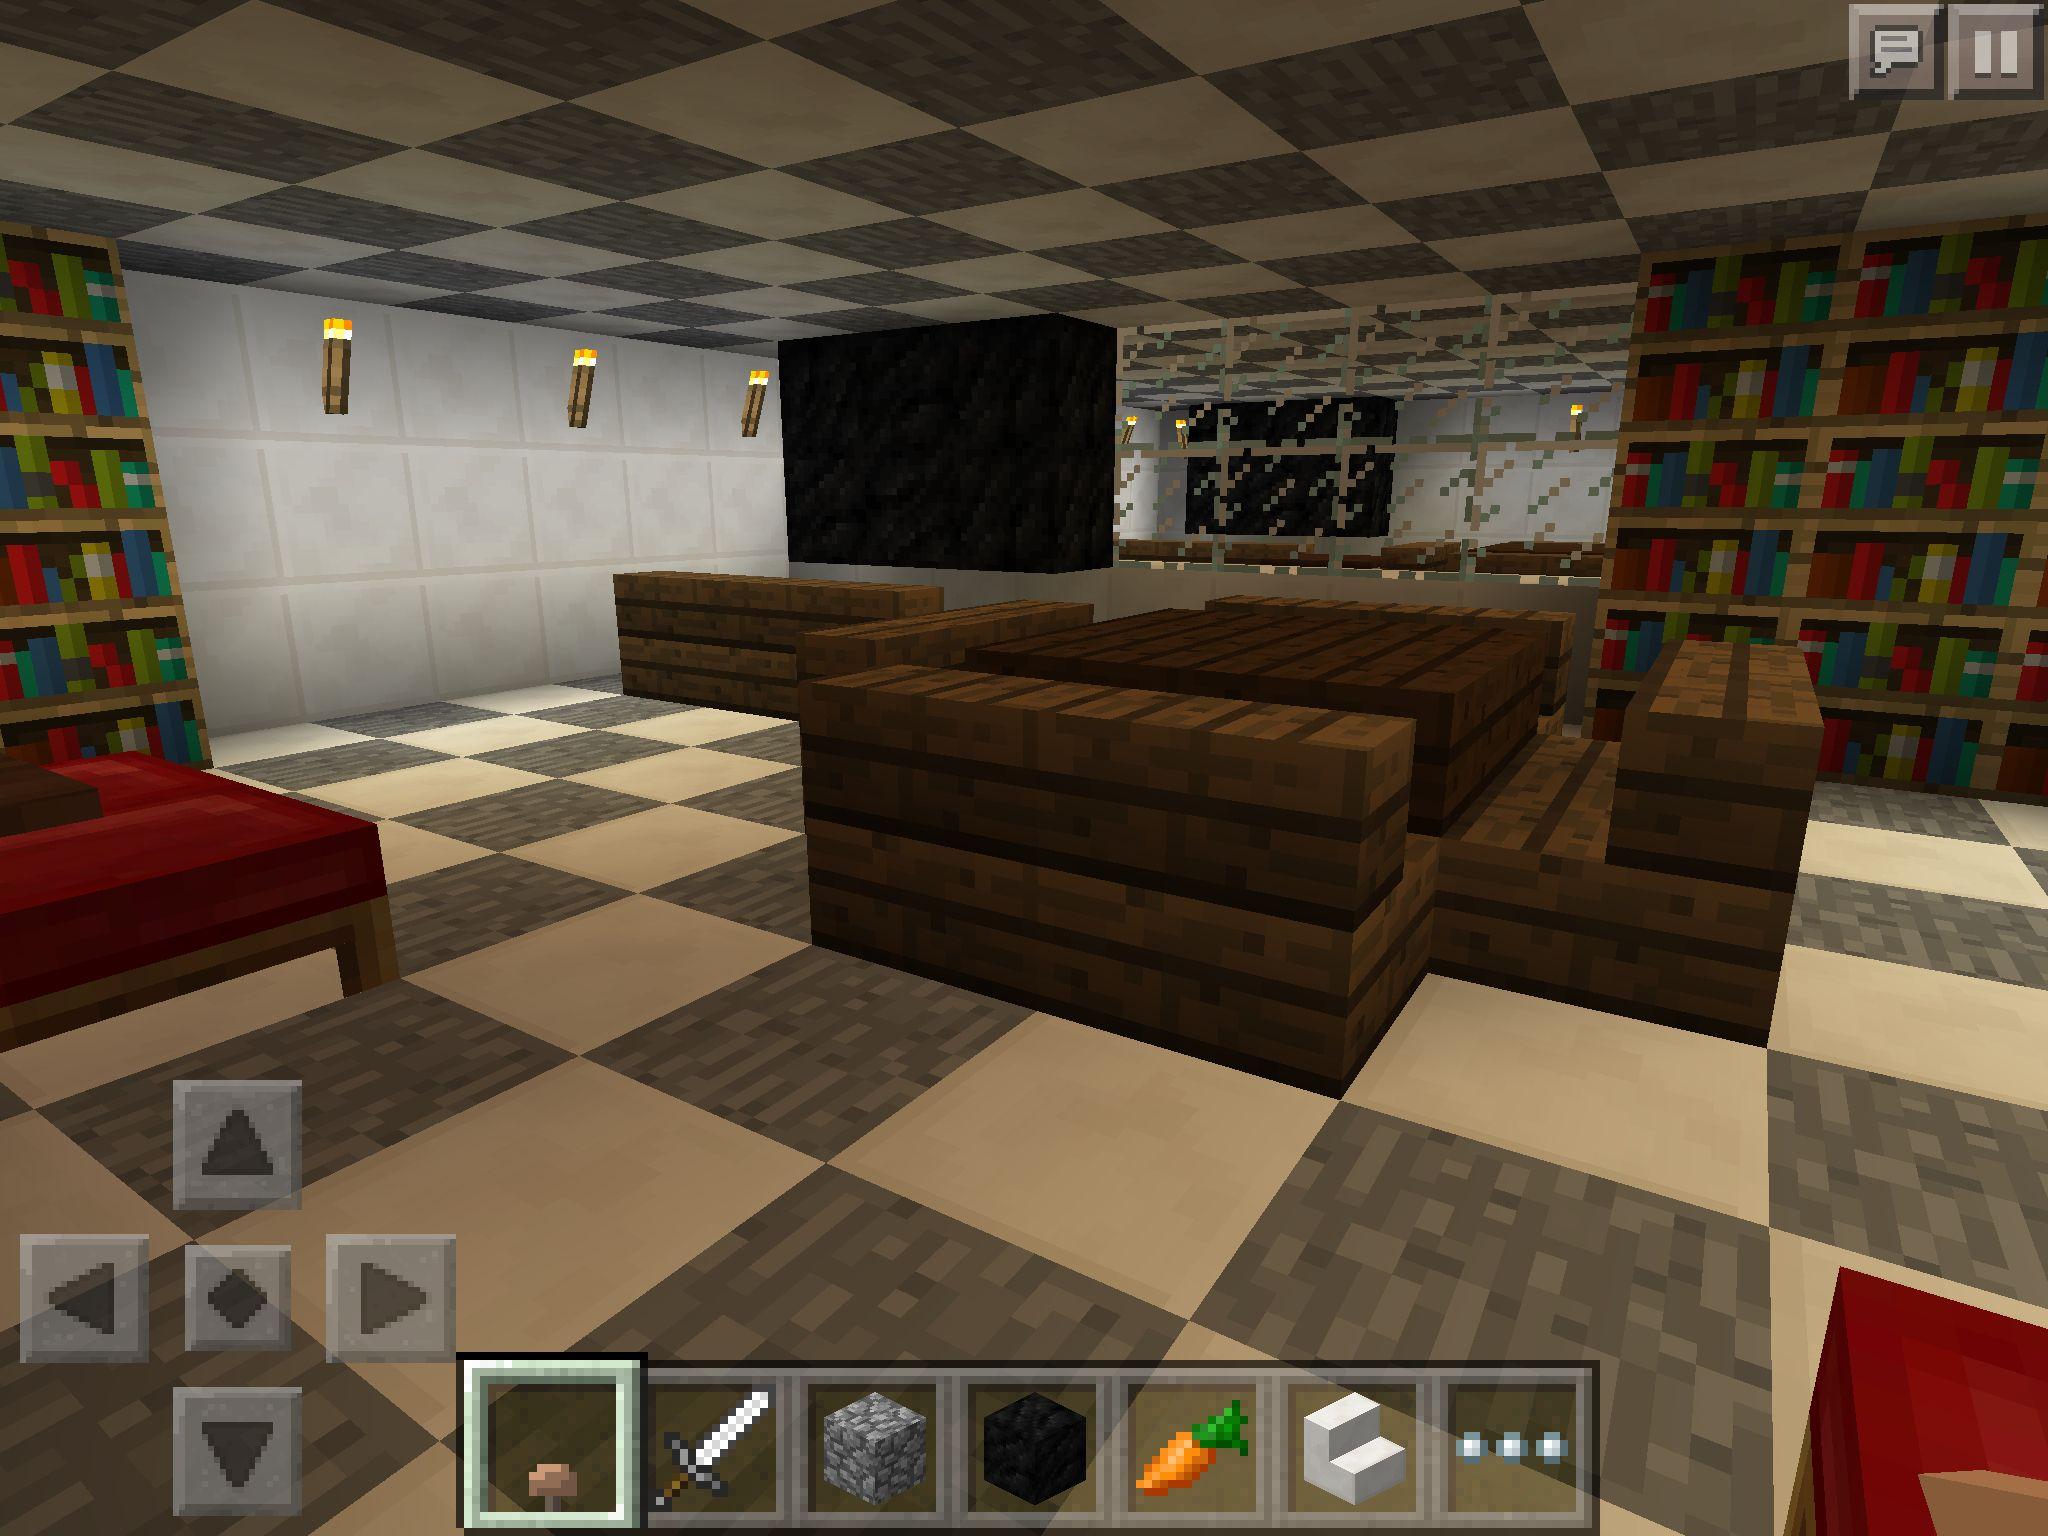 Perfecto Buena Cocina Diseña Minecraft Imagen - Ideas de Decoración ...